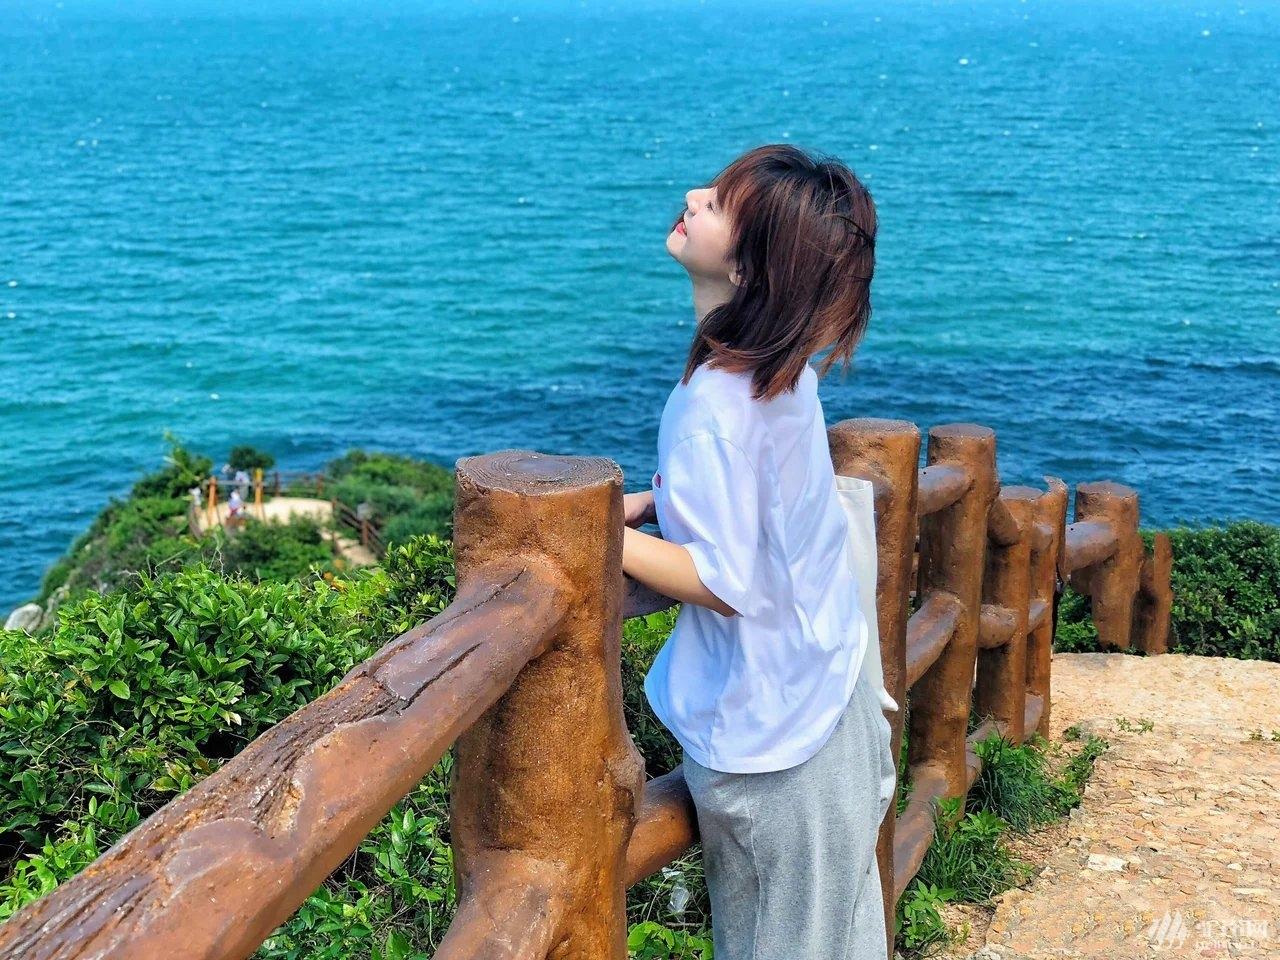 (23)【最美山海径】徒步海角山脉,最美海岸线,登顶大雁顶,打卡《美人鱼》拍摄地~-户外活动图-驼铃网